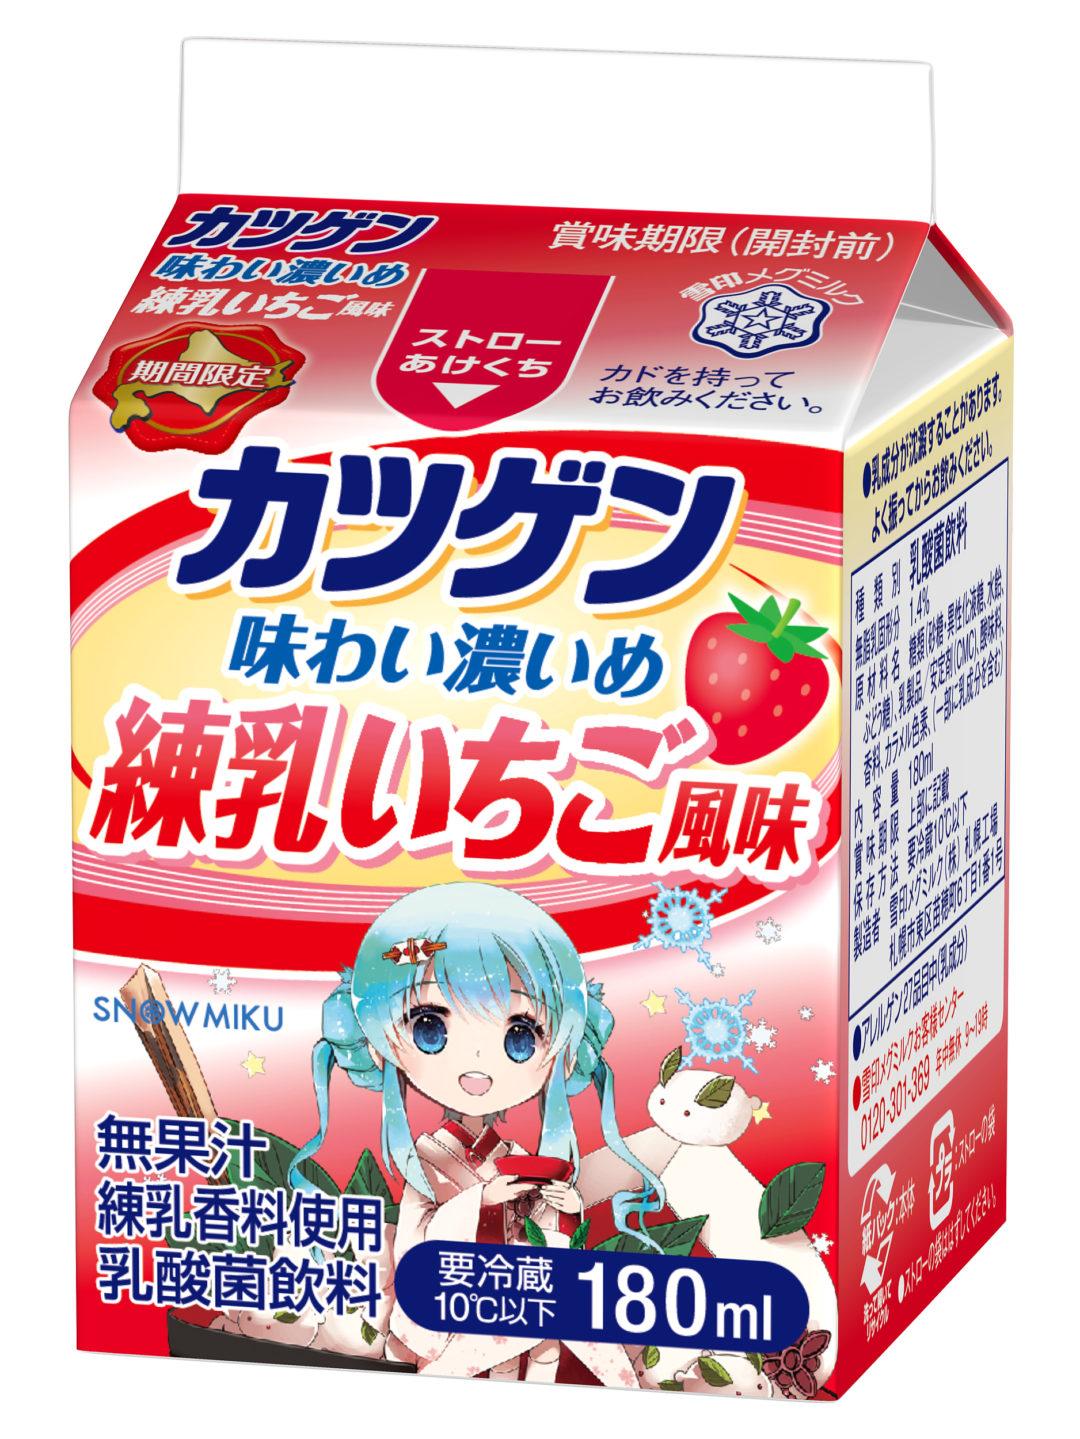 雪ミクが3パターン!カツゲン「味わい濃いめ 練乳いちご風味」発売